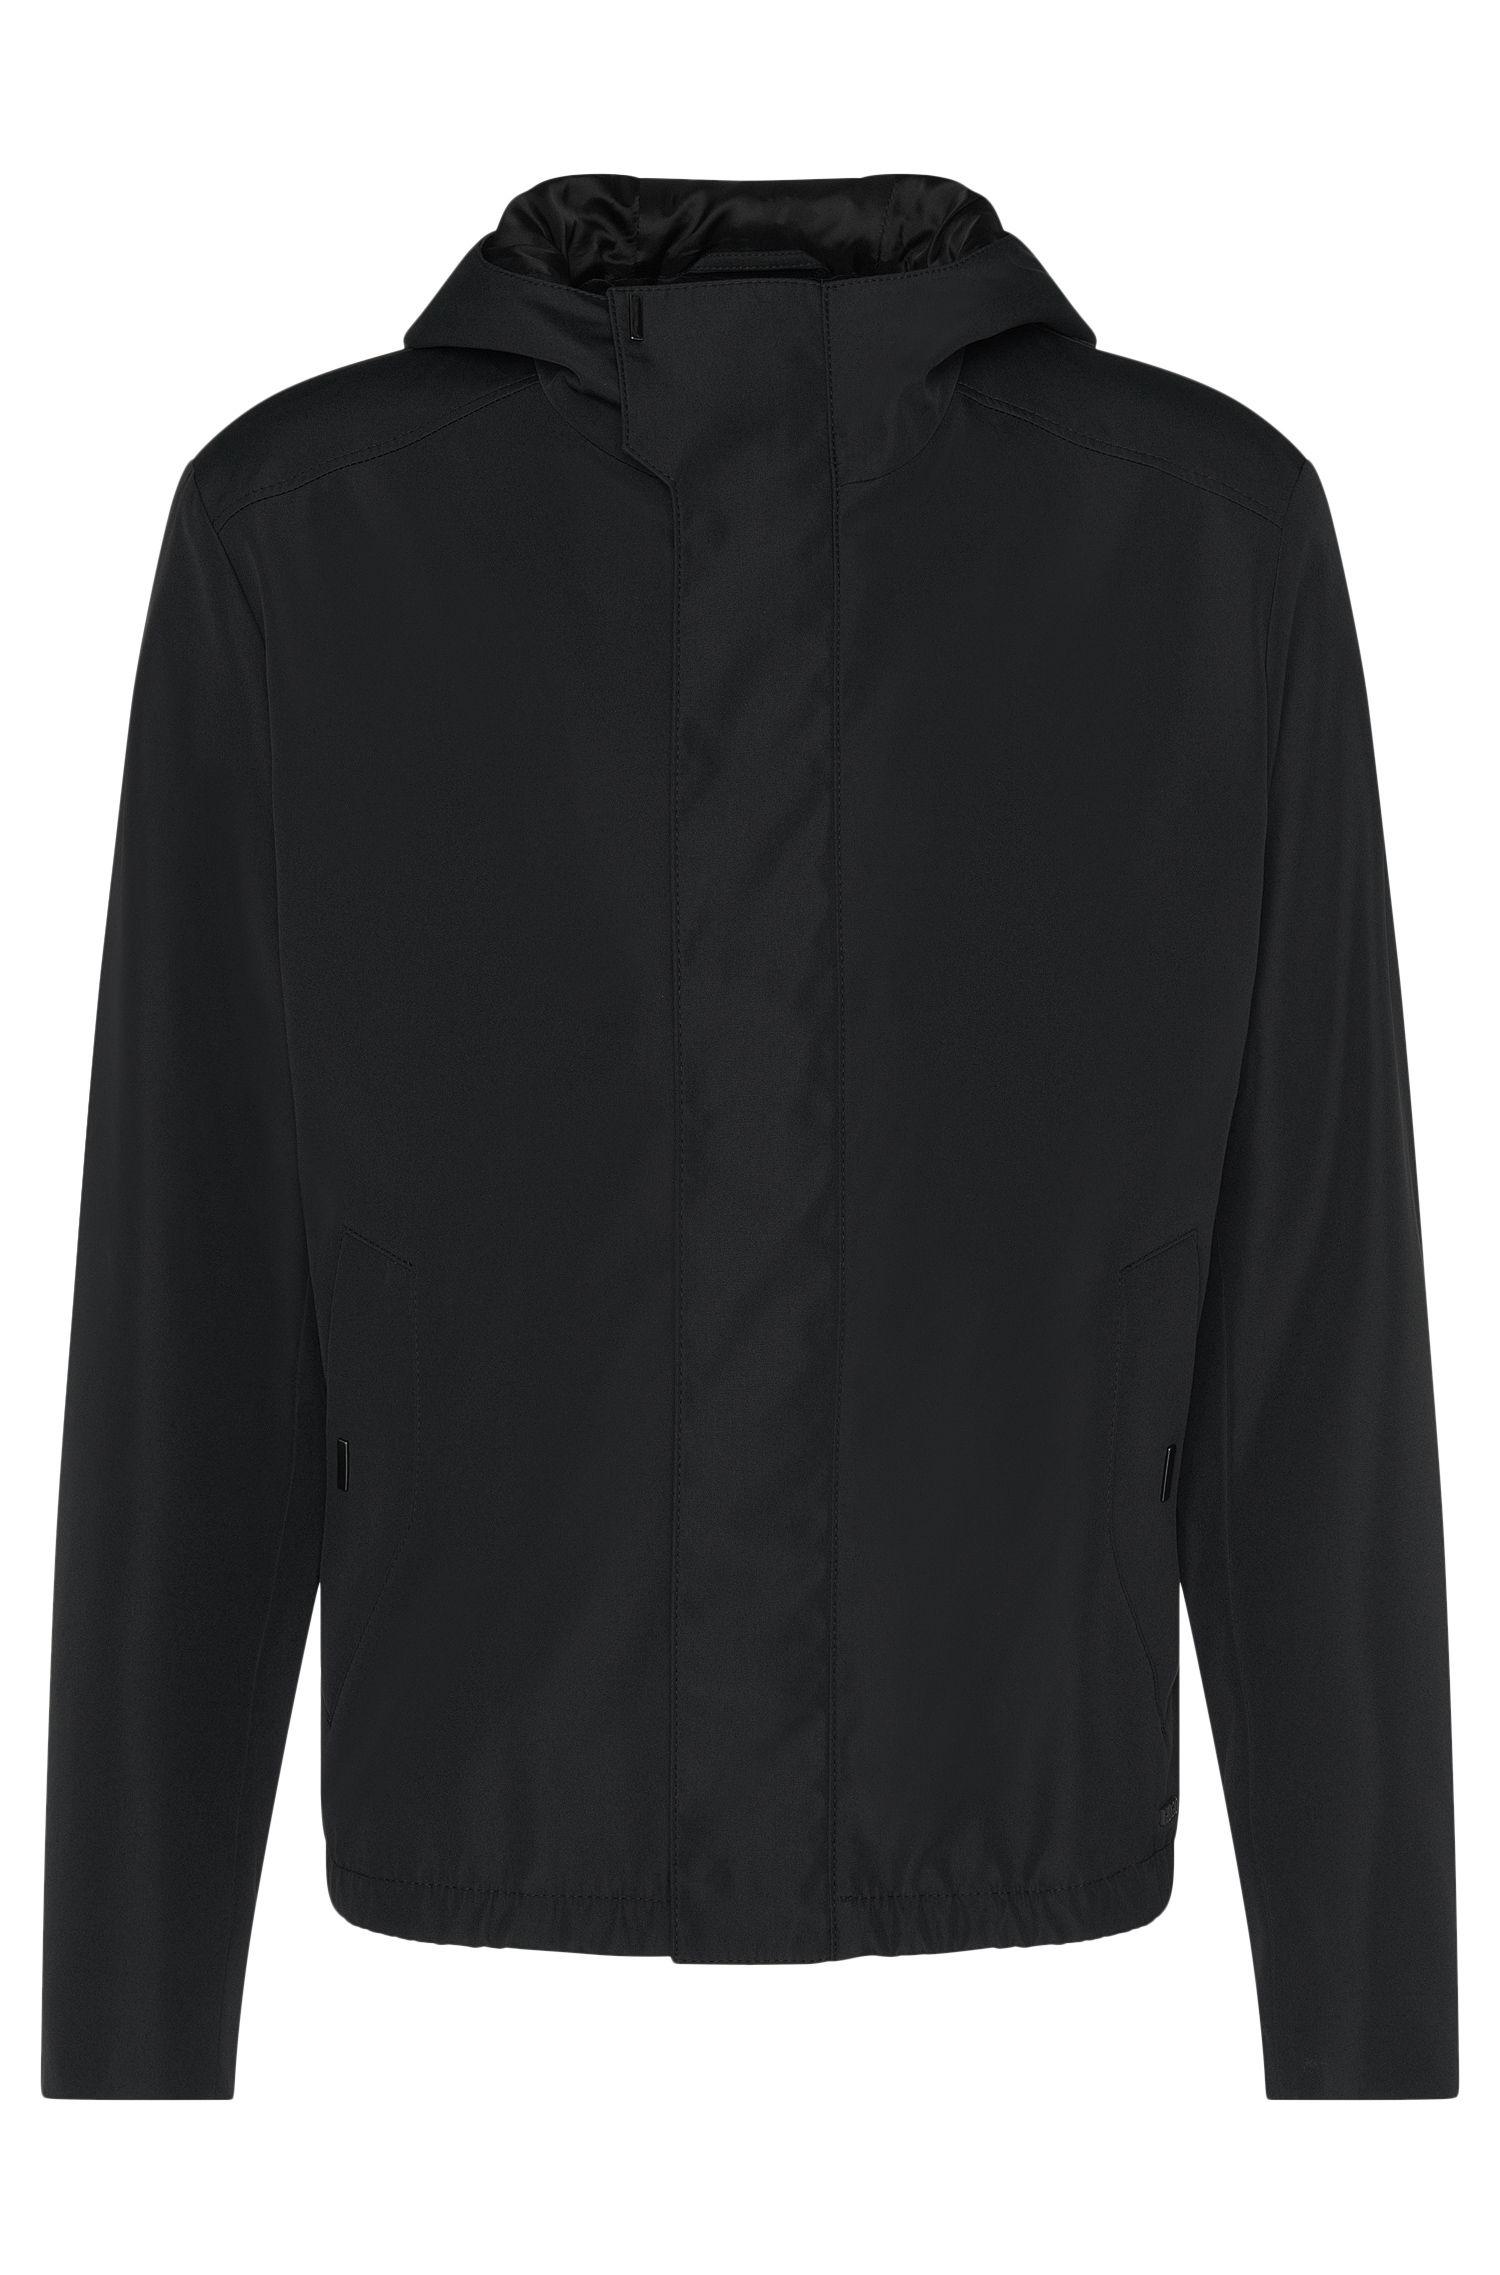 Waterafstotende regular-fit jas met capuchon: 'Batrez'